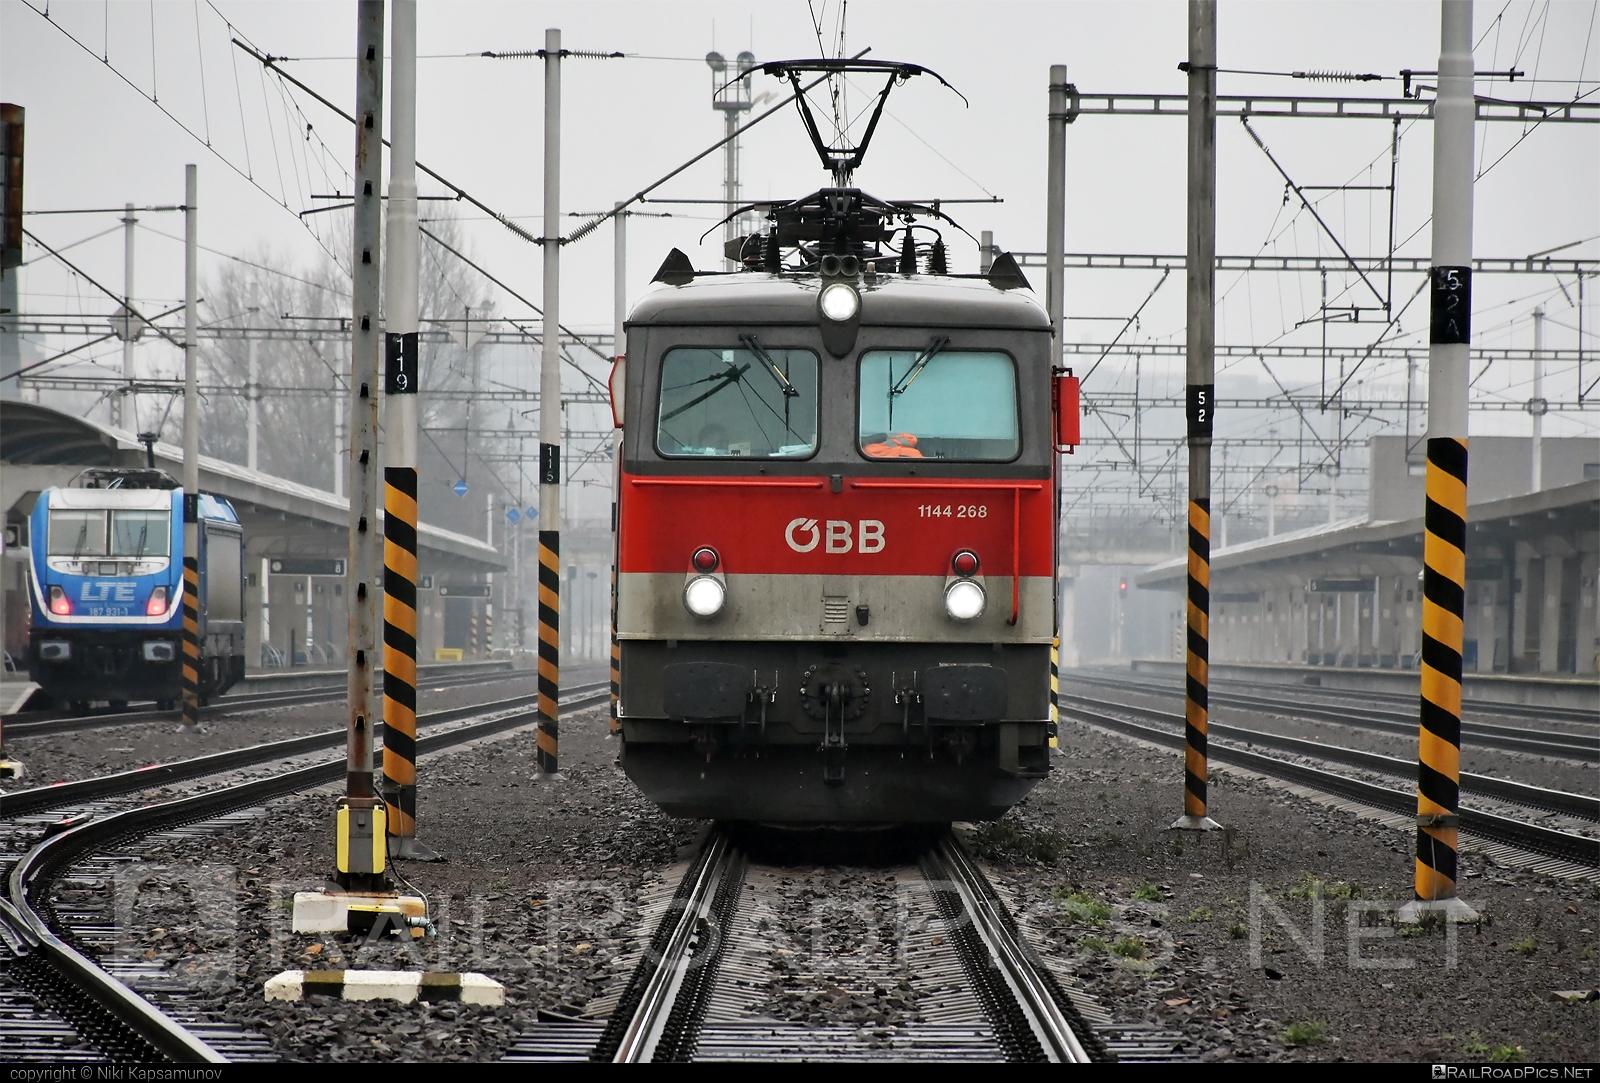 SGP ÖBB Class 1144 - 1144 268 operated by Rail Cargo Austria AG #obb #obbclass1144 #osterreichischebundesbahnen #rcw #sgp #sgp1144 #simmeringgrazpauker